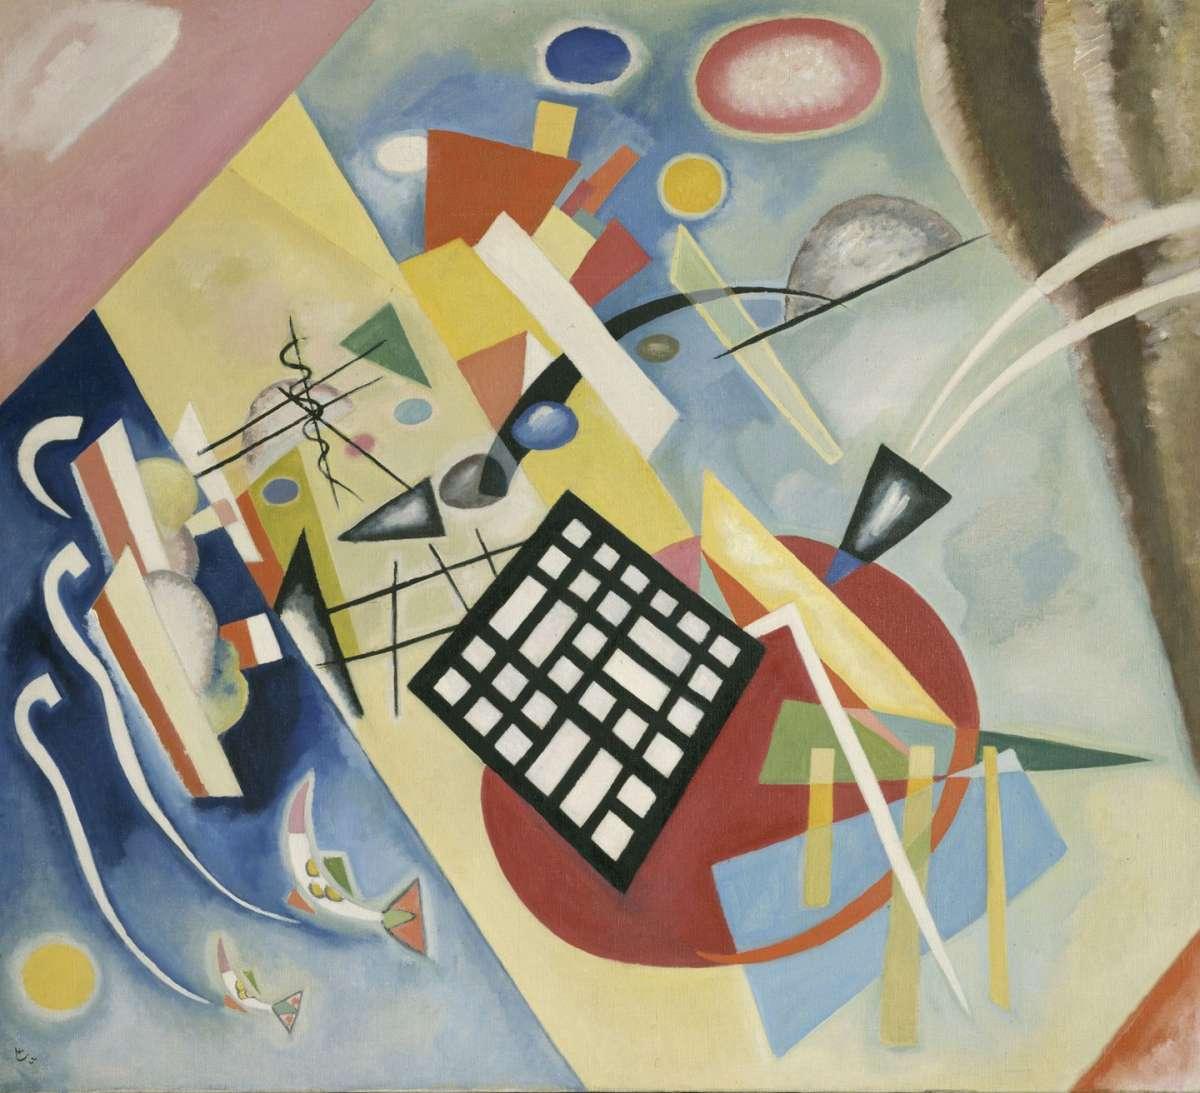 Wassily Kandinsky: i quadri e le opere più famose | Nanopress